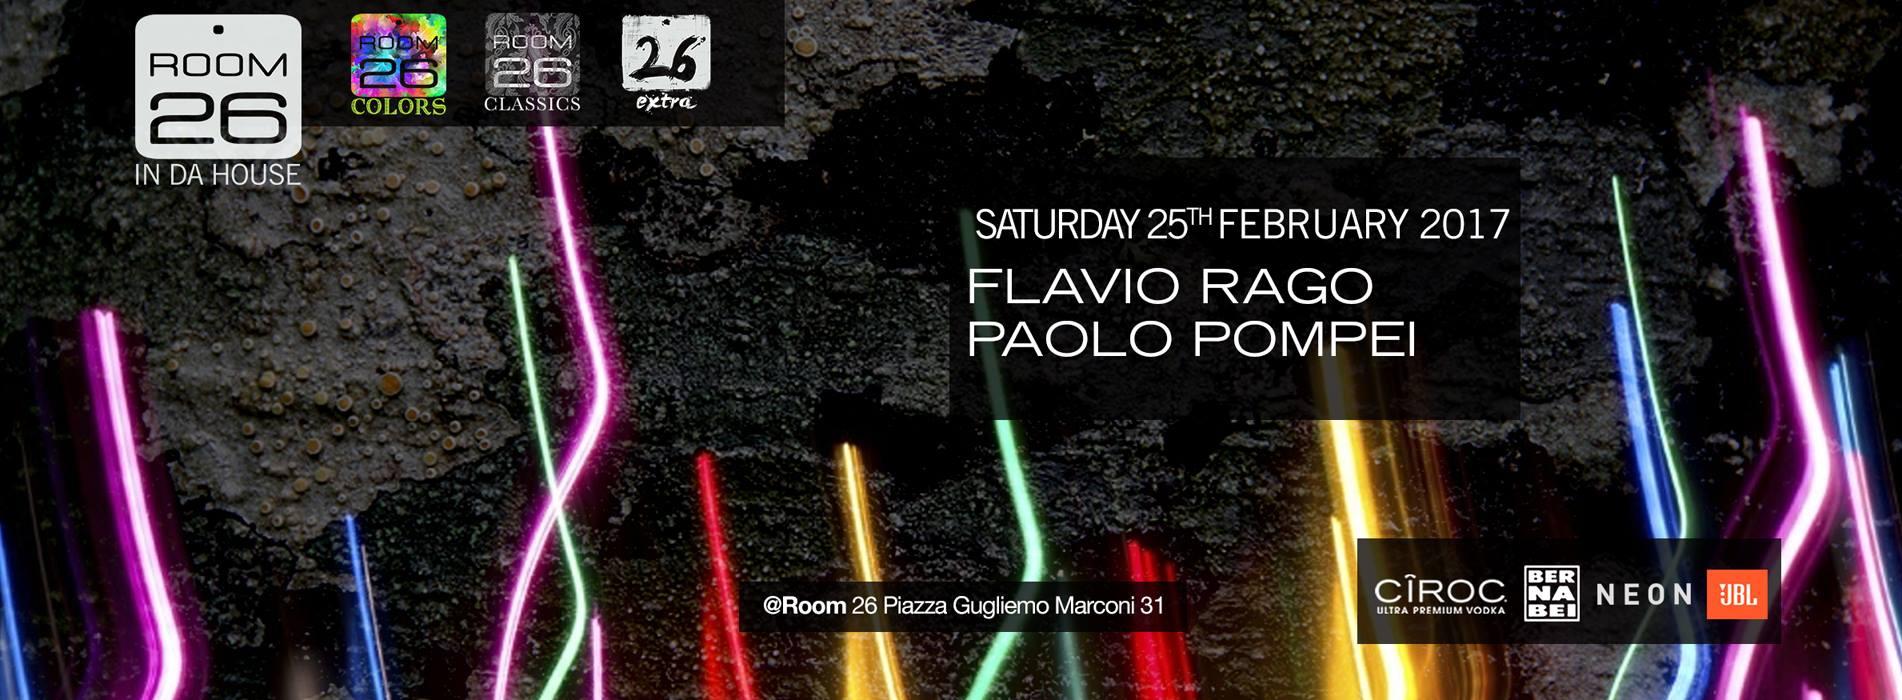 Discoteche Roma sabato 25 febbraio 2017 Room 26 lista e privè